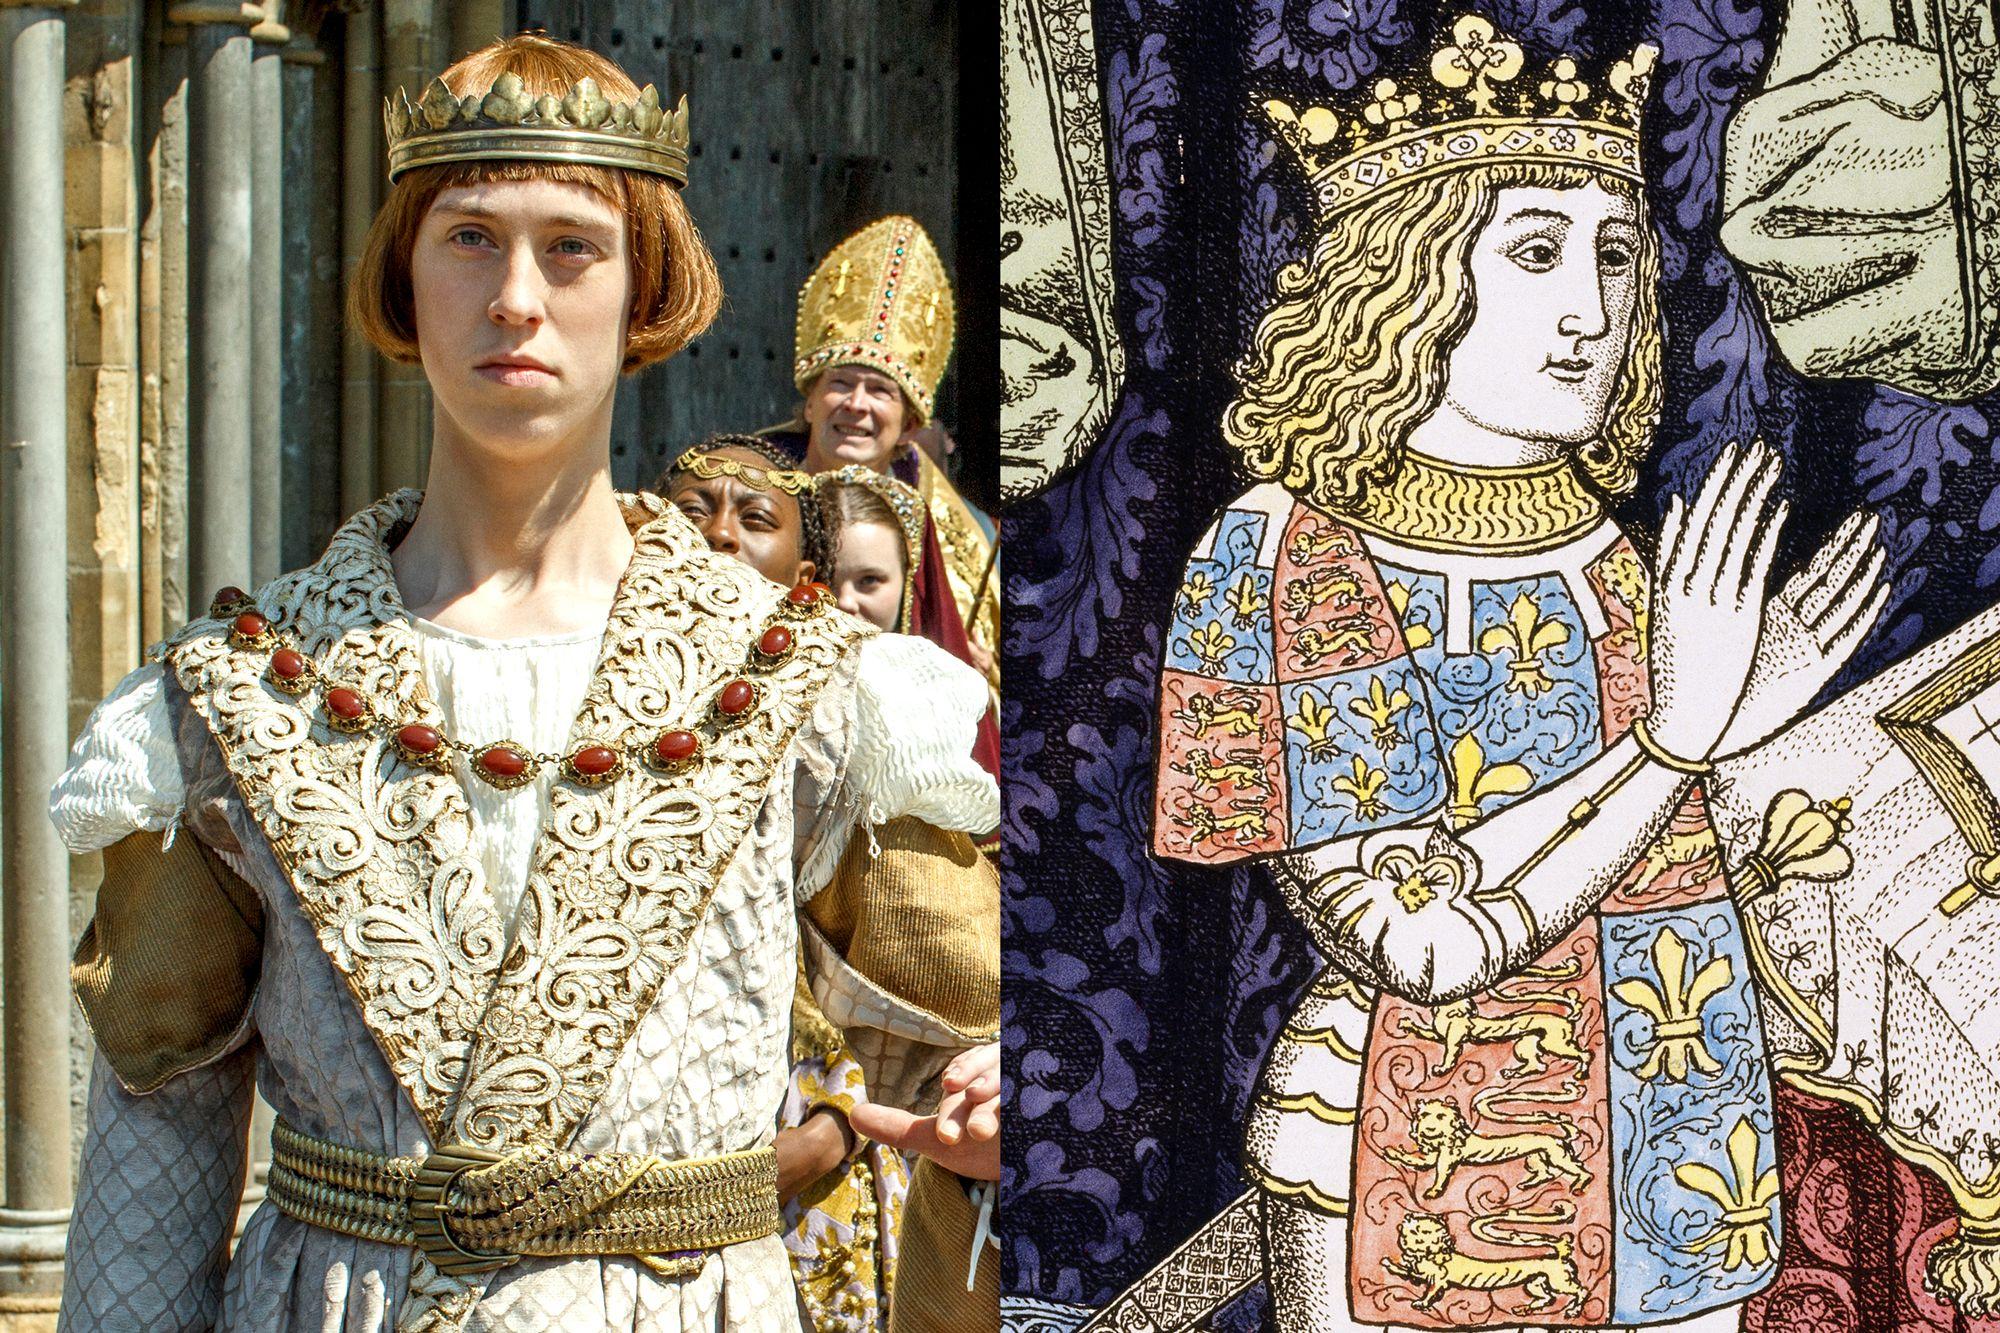 Prince Arthur Tudor